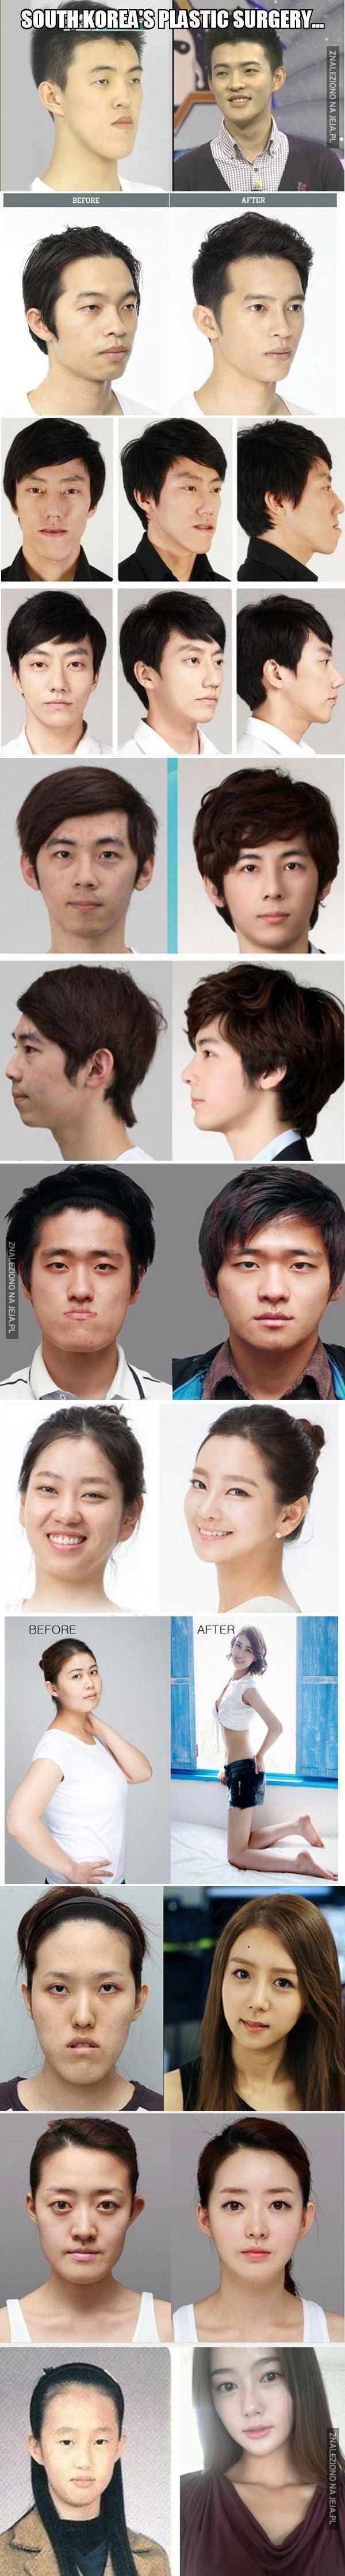 Operacje plastyczne w Południowej Korei